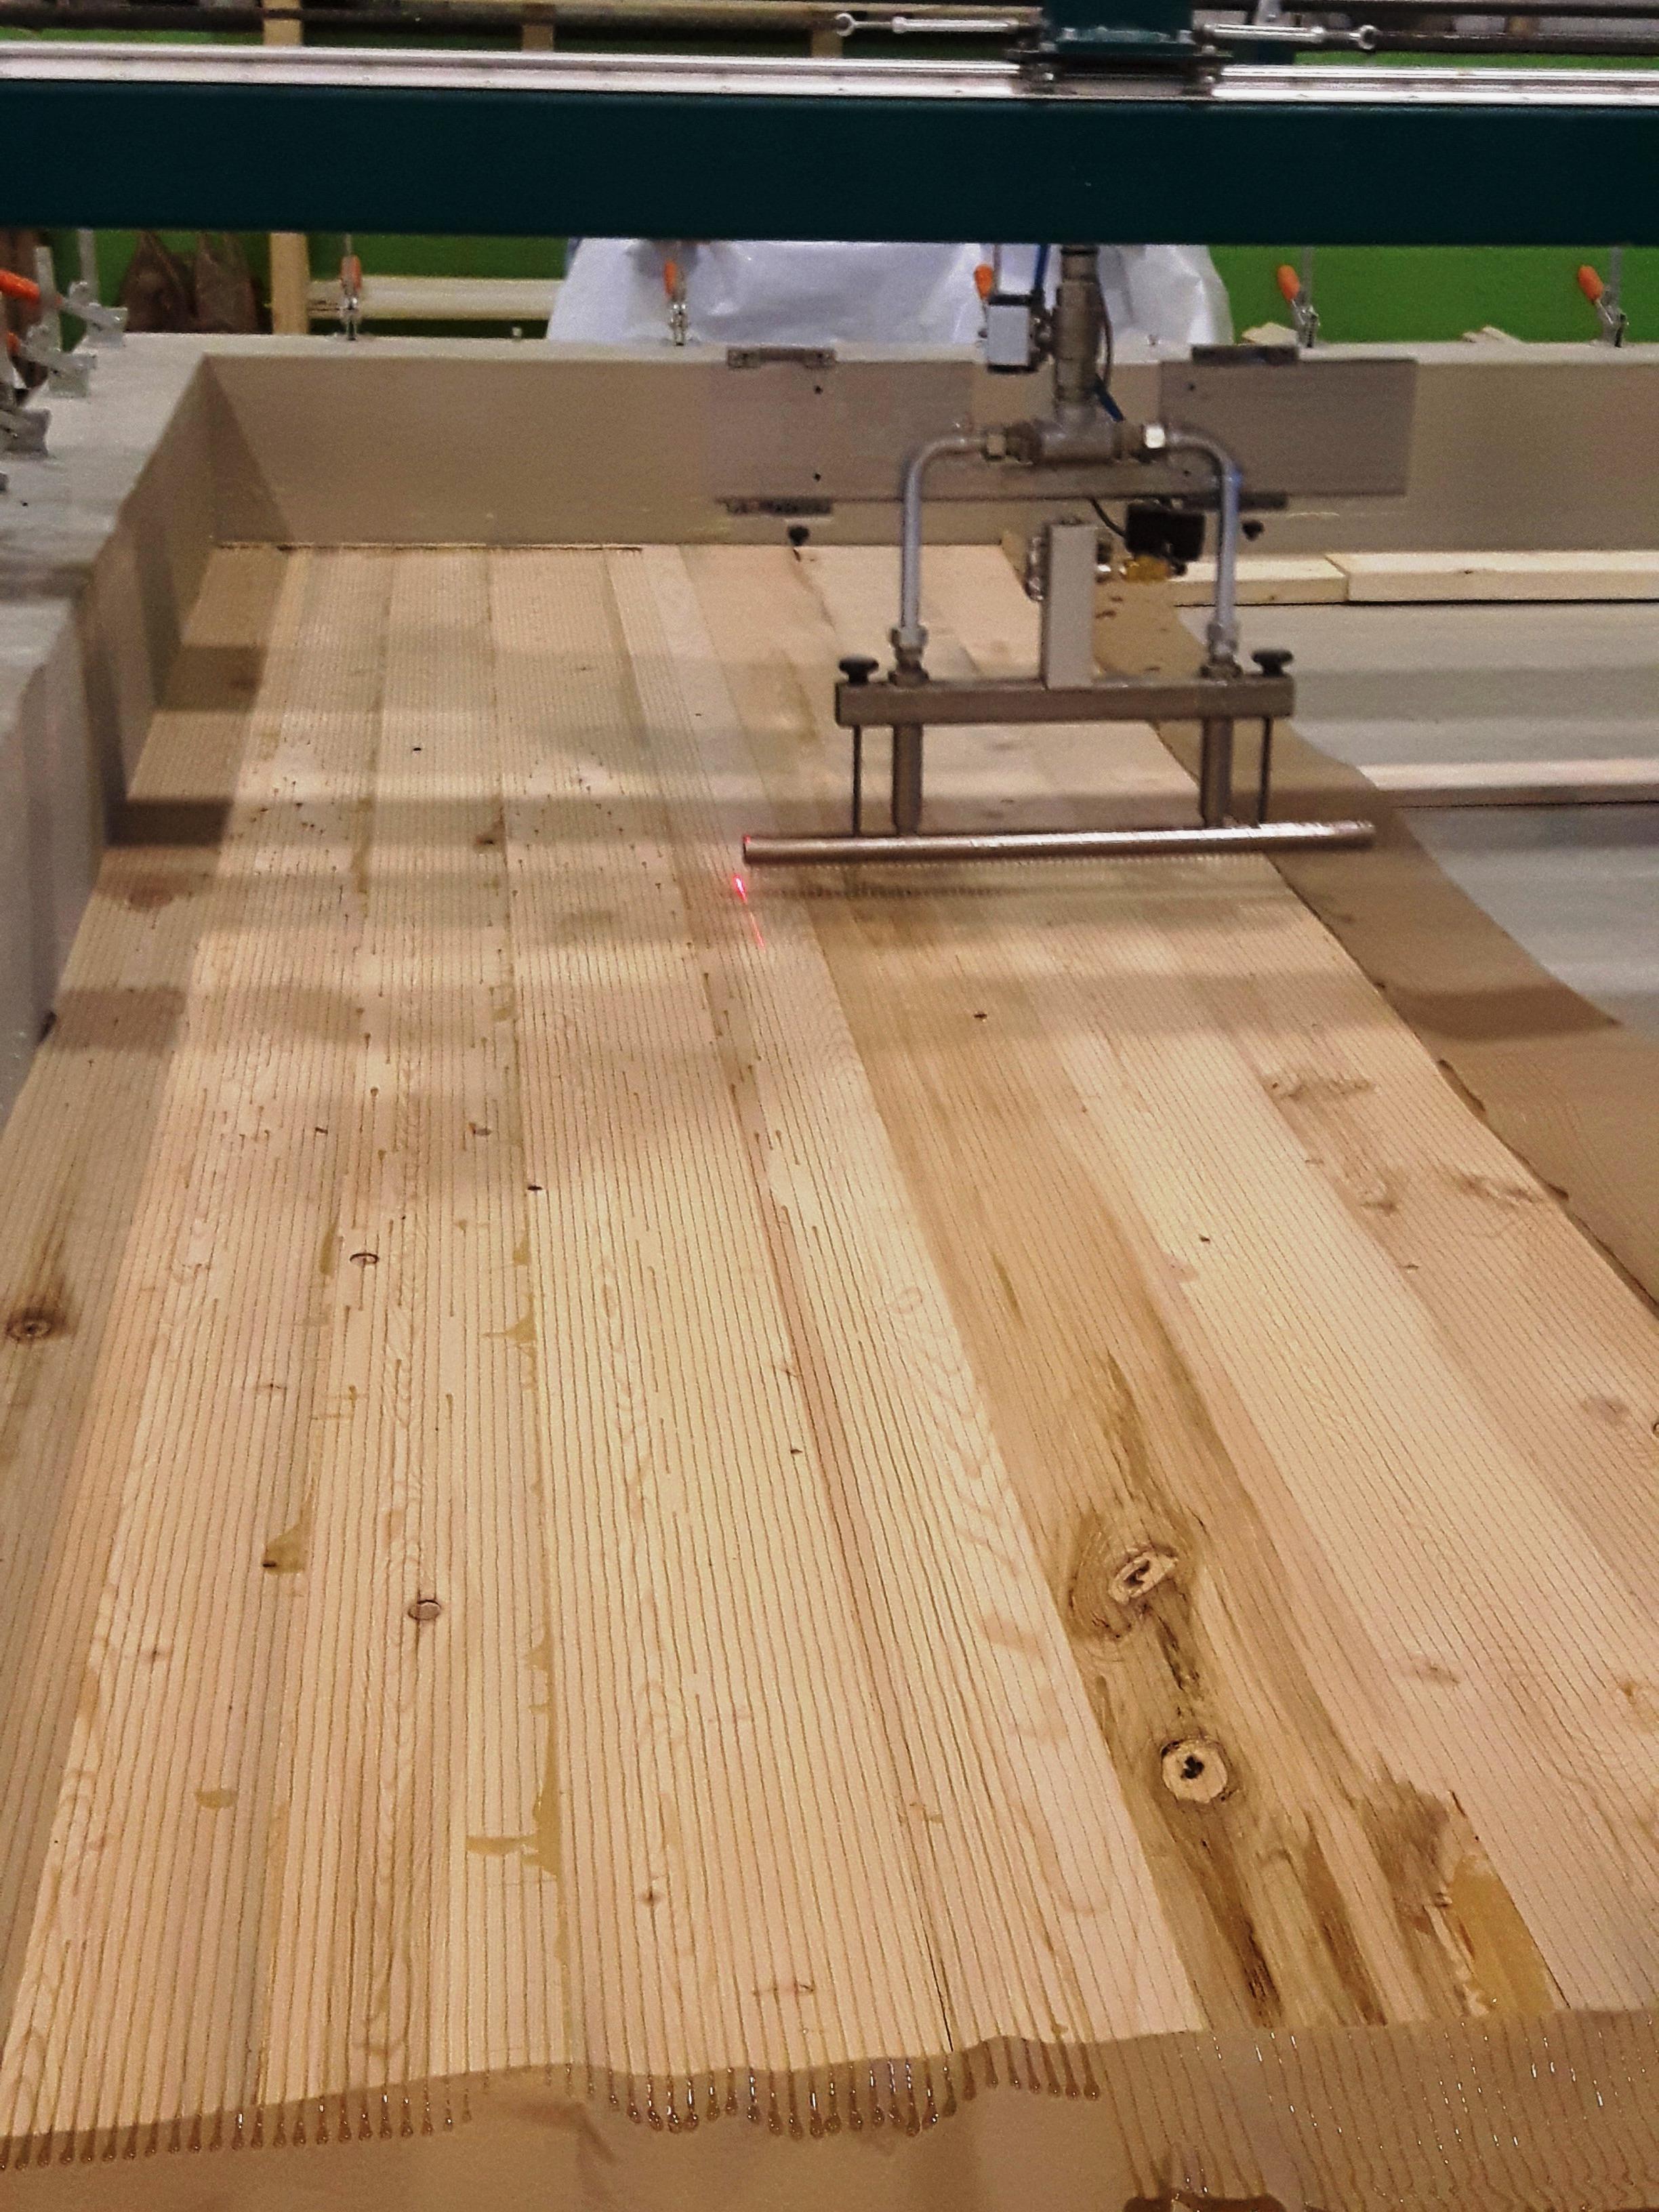 les bois d'eau - CLT 05.jpg